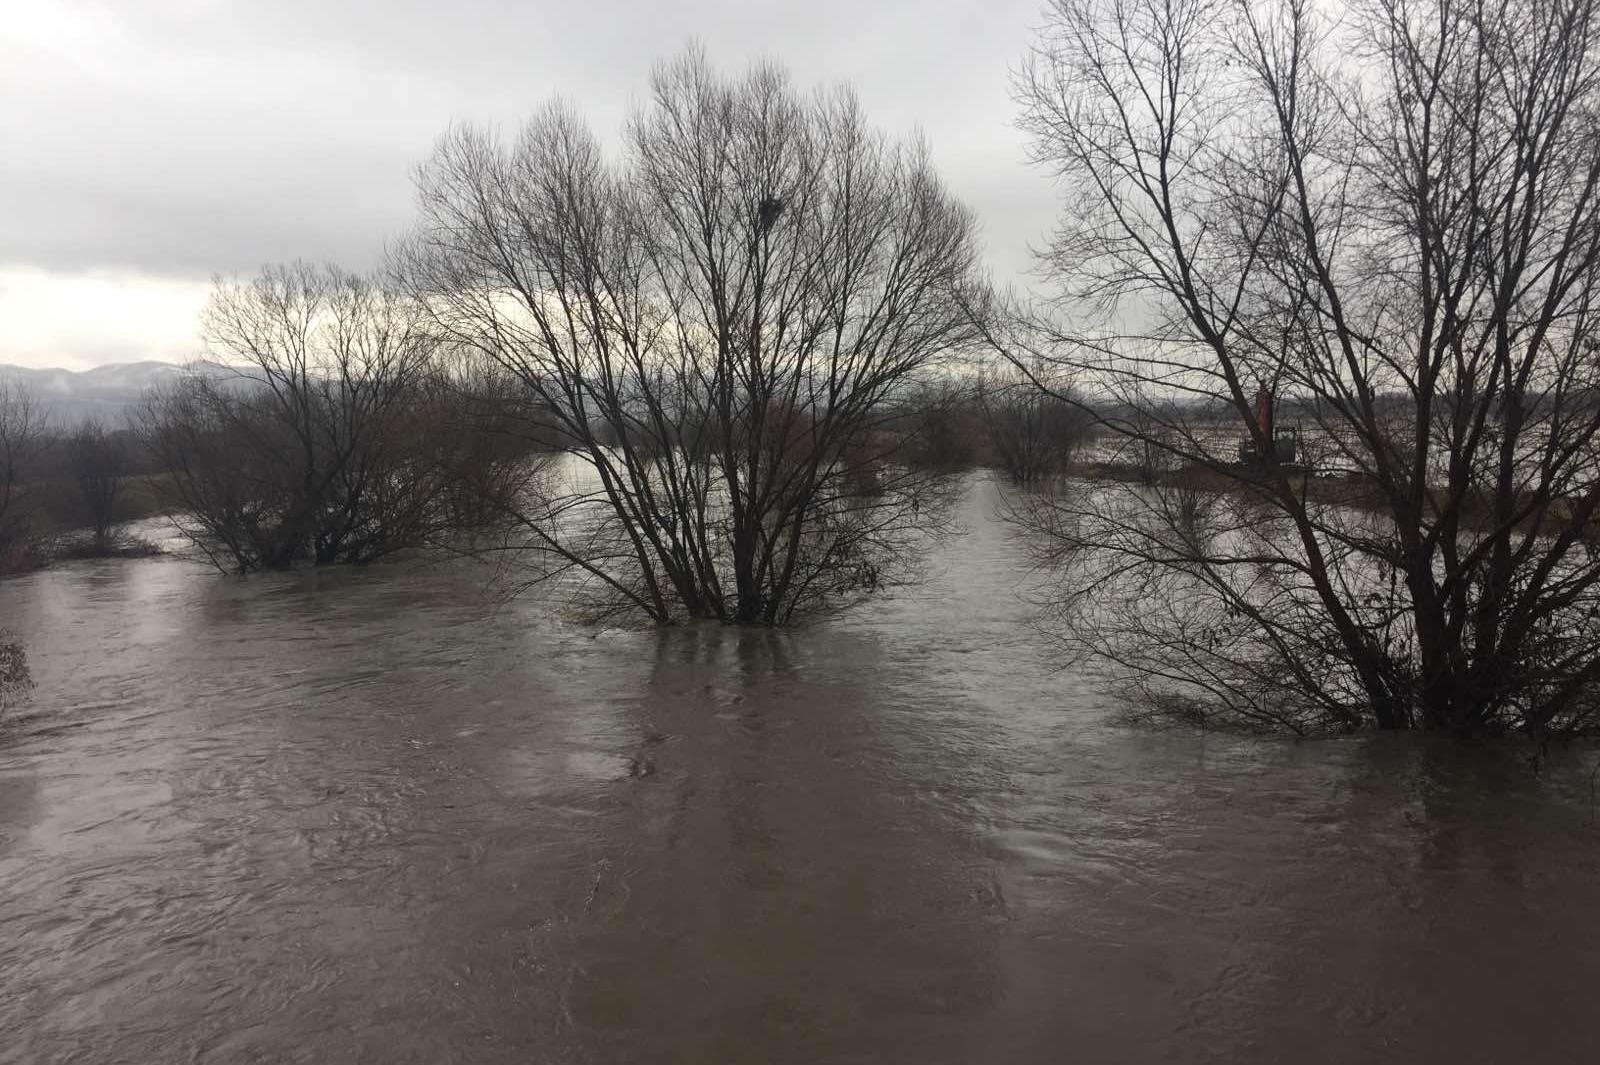 Изградени са над 100 диги в критичните, наводнени участъци в район Нови Иск